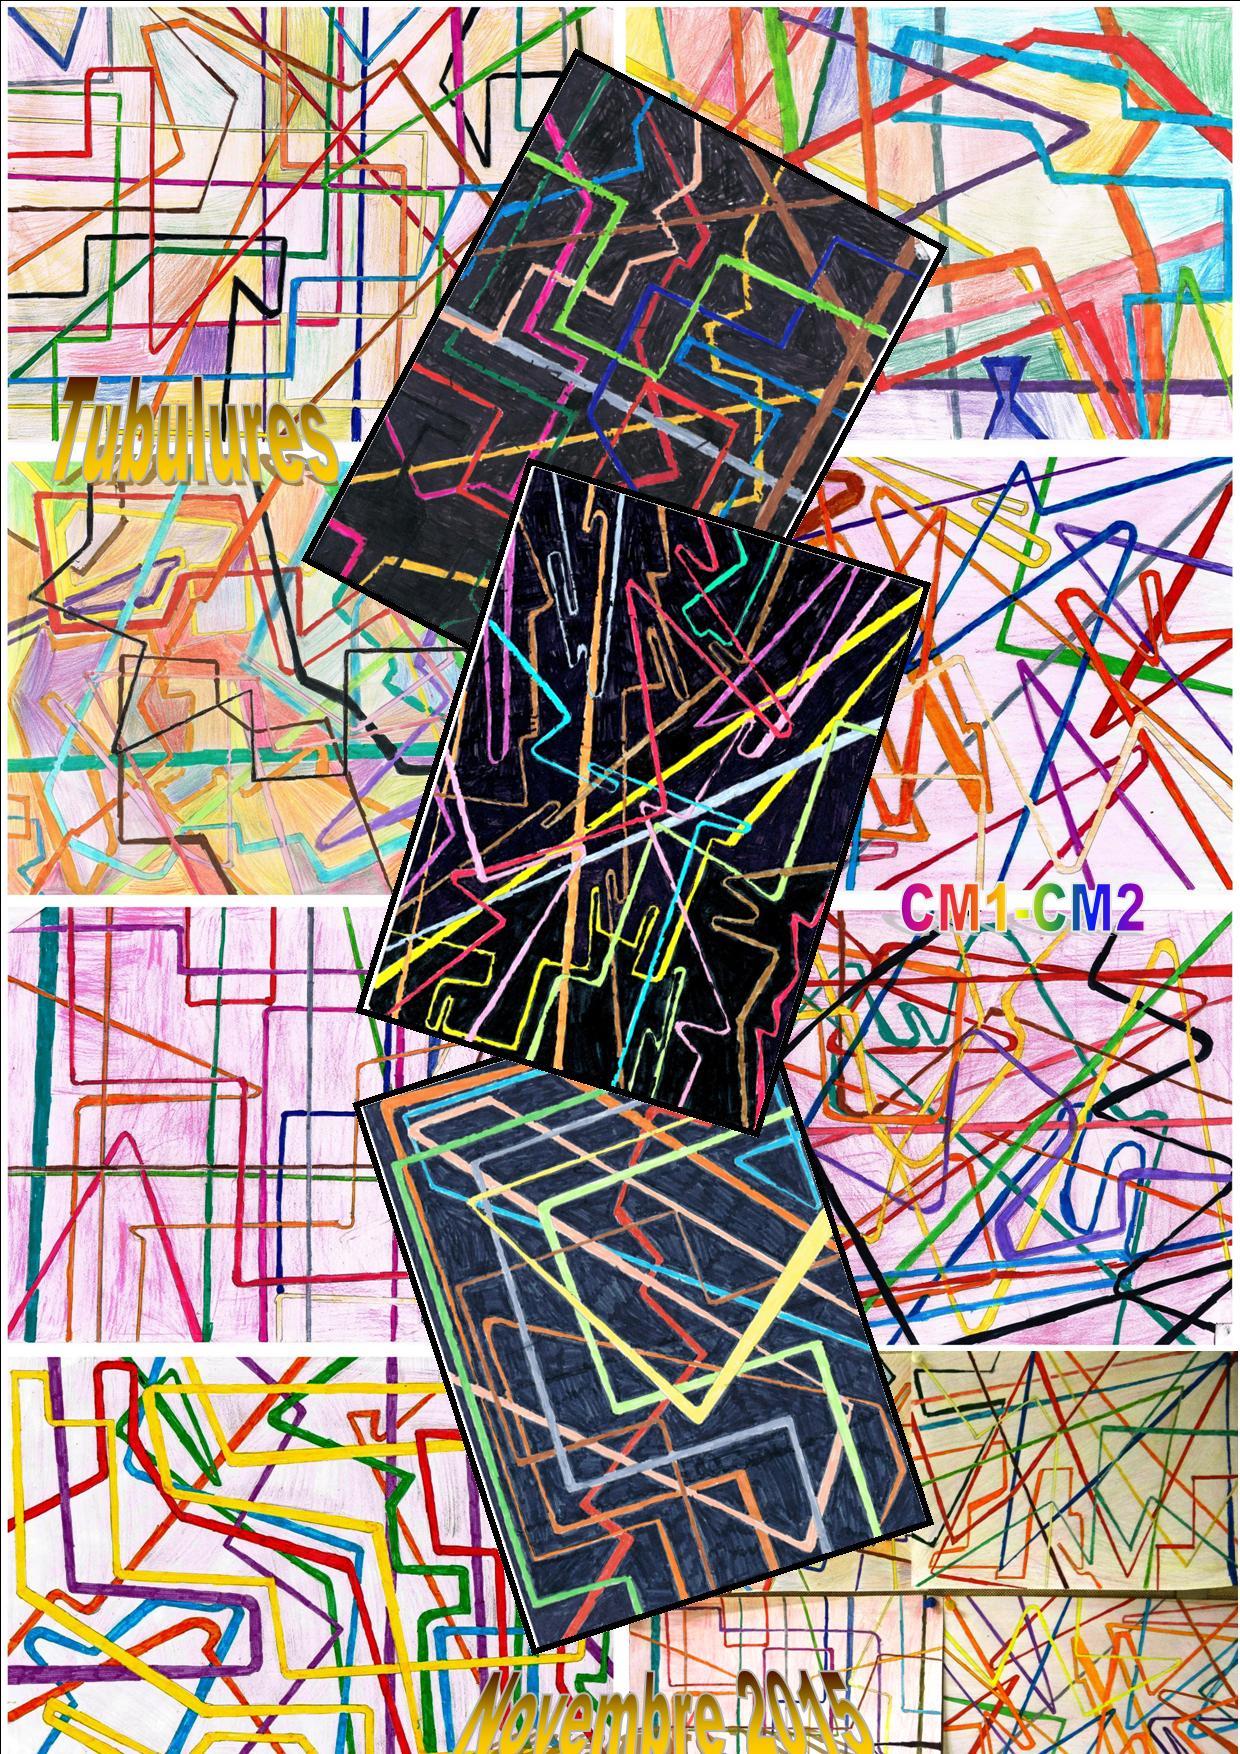 Tubulures Affiche 02.jpg